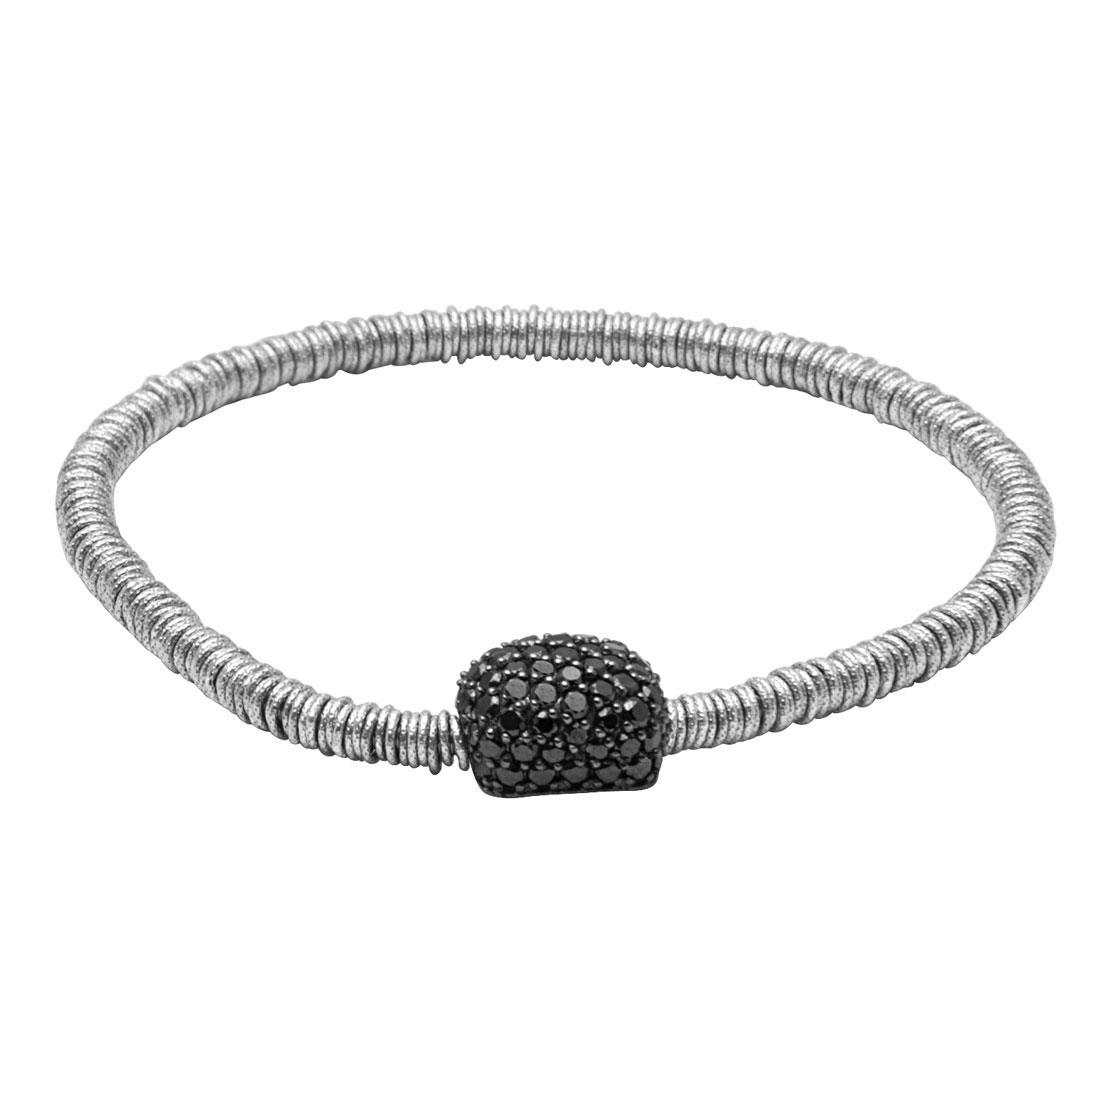 Bracciale elastico in oro bianco con diamanti neri - ROBERTO DEMEGLIO